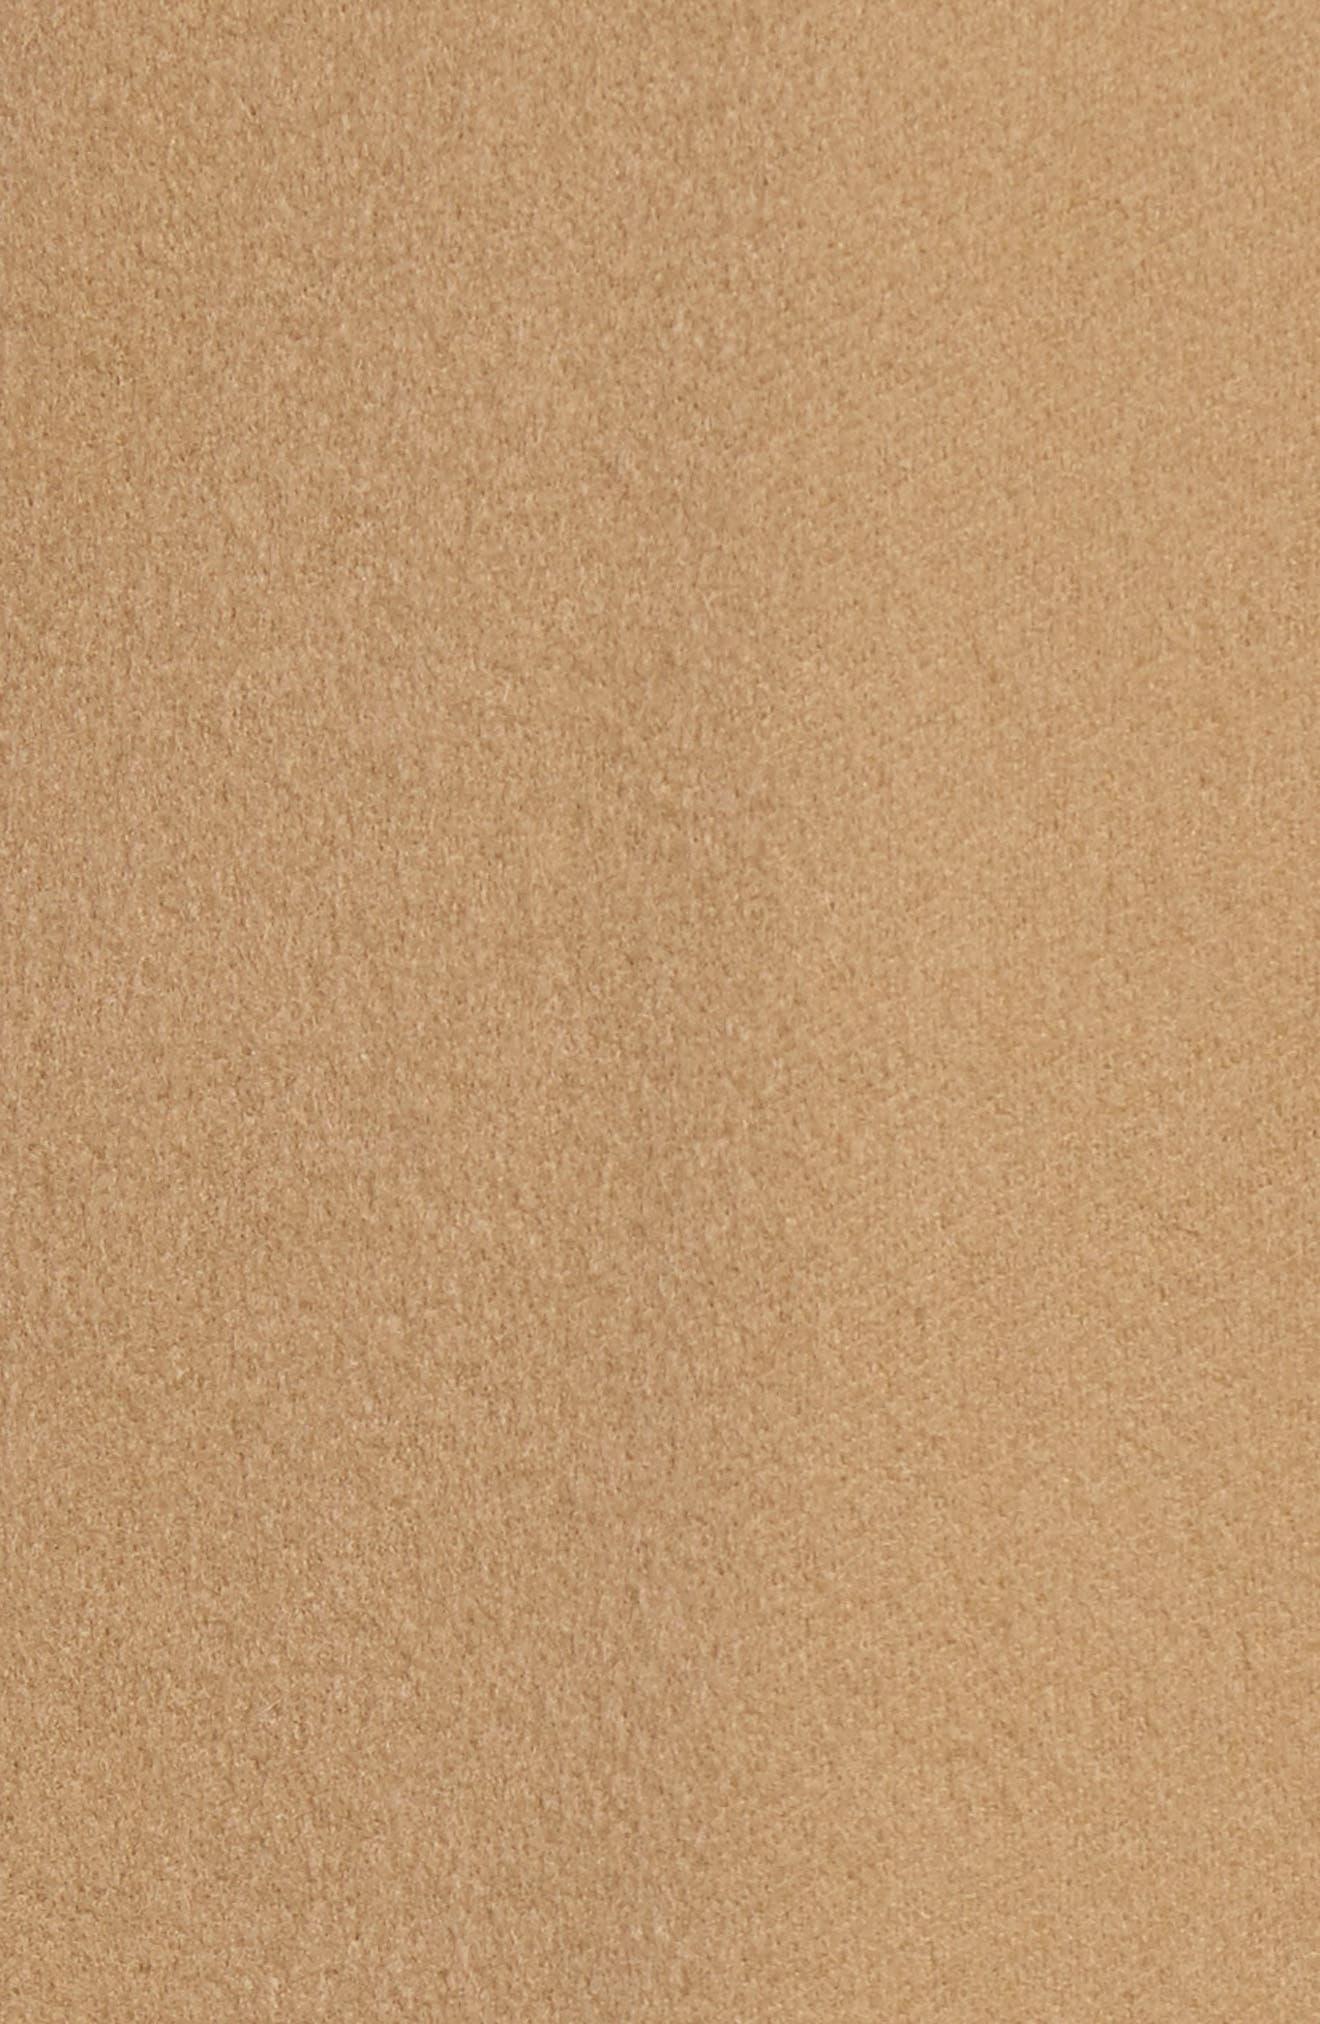 Cashmere Long Coat,                             Alternate thumbnail 12, color,